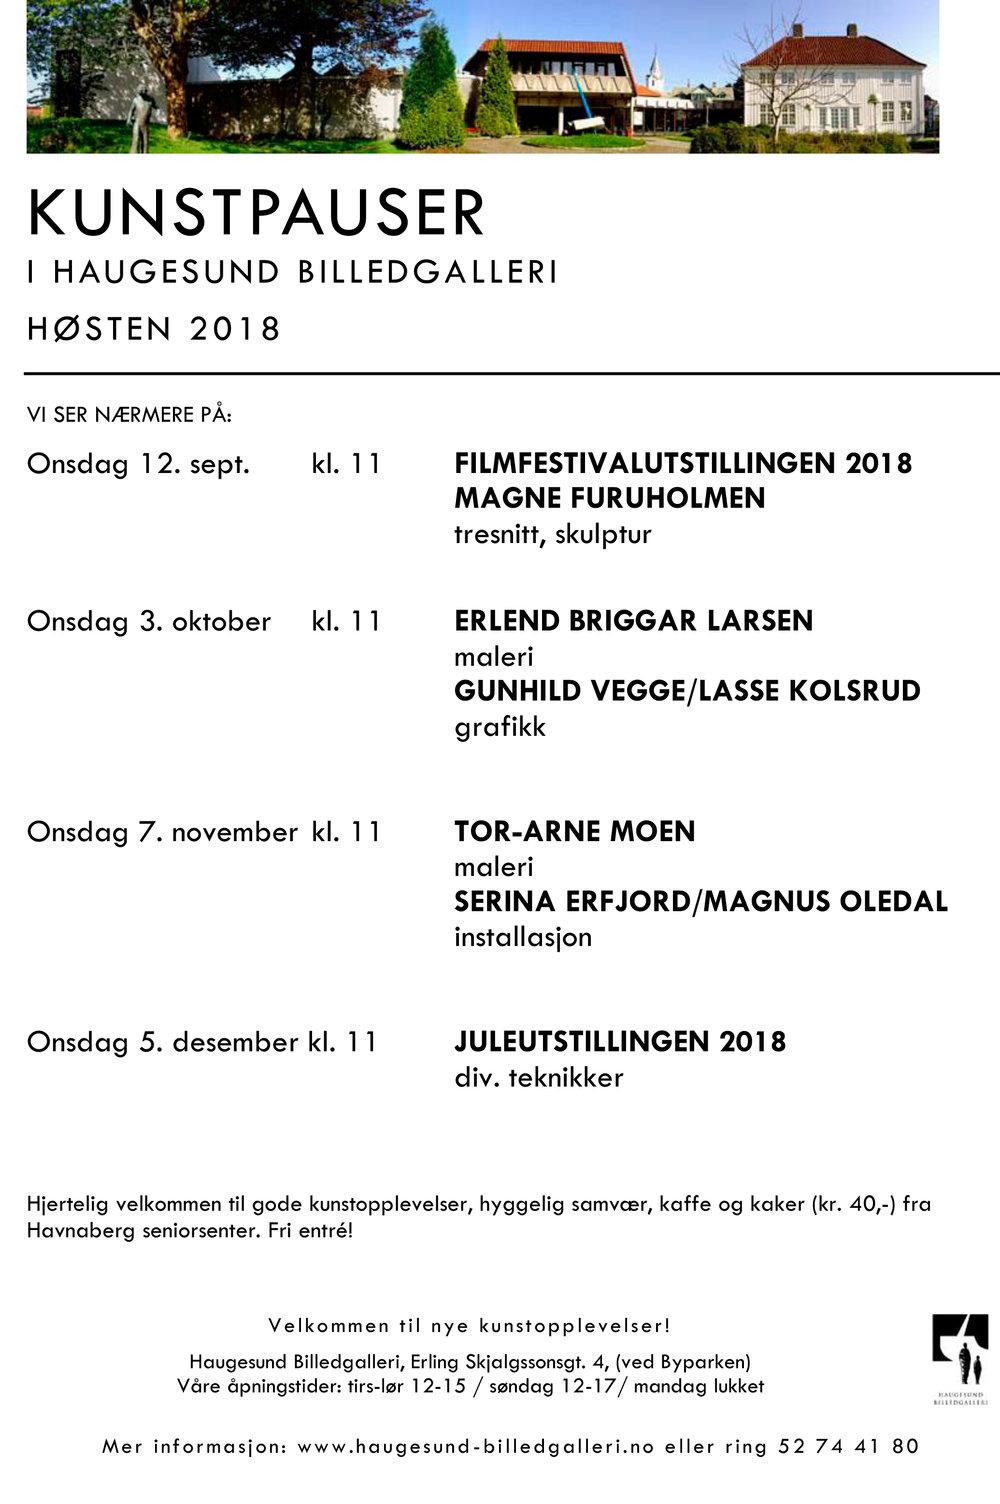 KUNSTPAUSER-høsten-2018.jpg